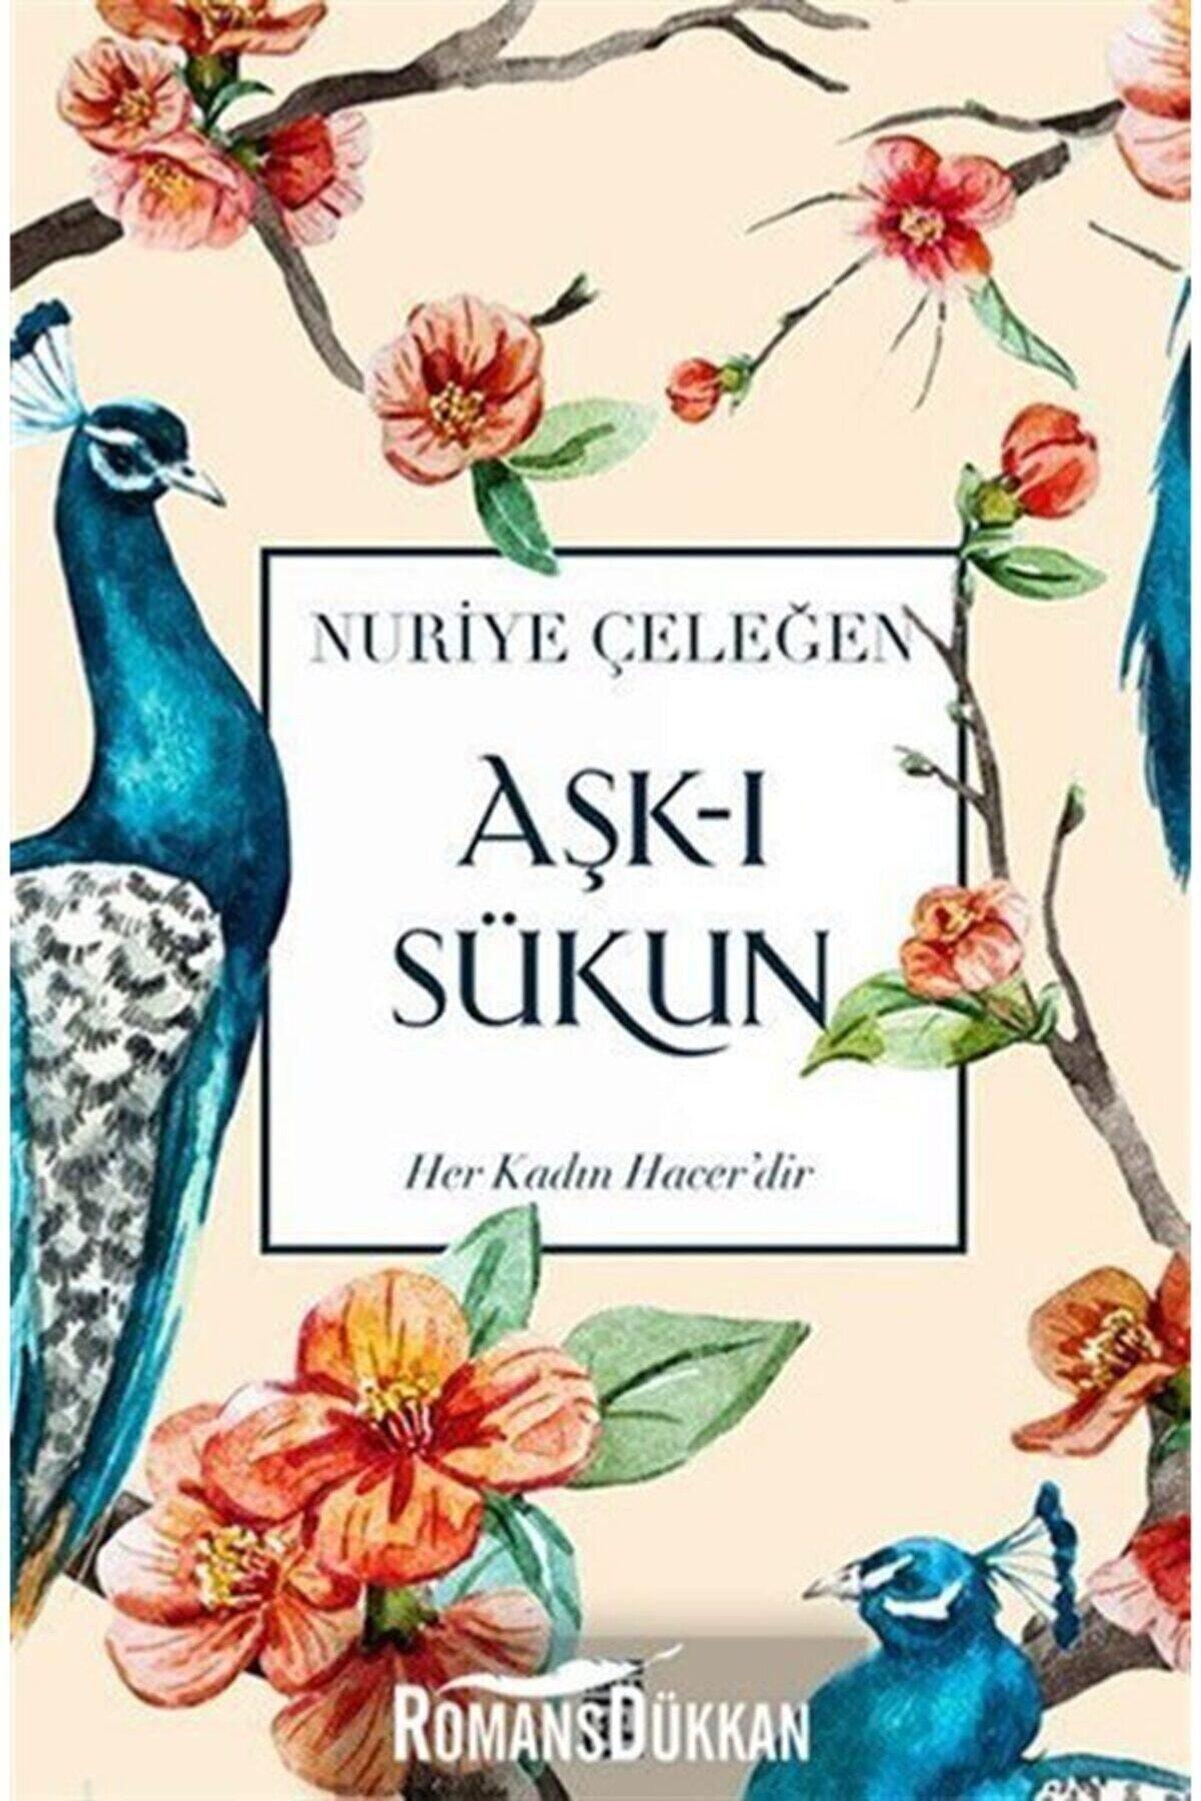 Timaş Yayınları Aşk-ı Sükun & Her Kadın Hacer'dir.